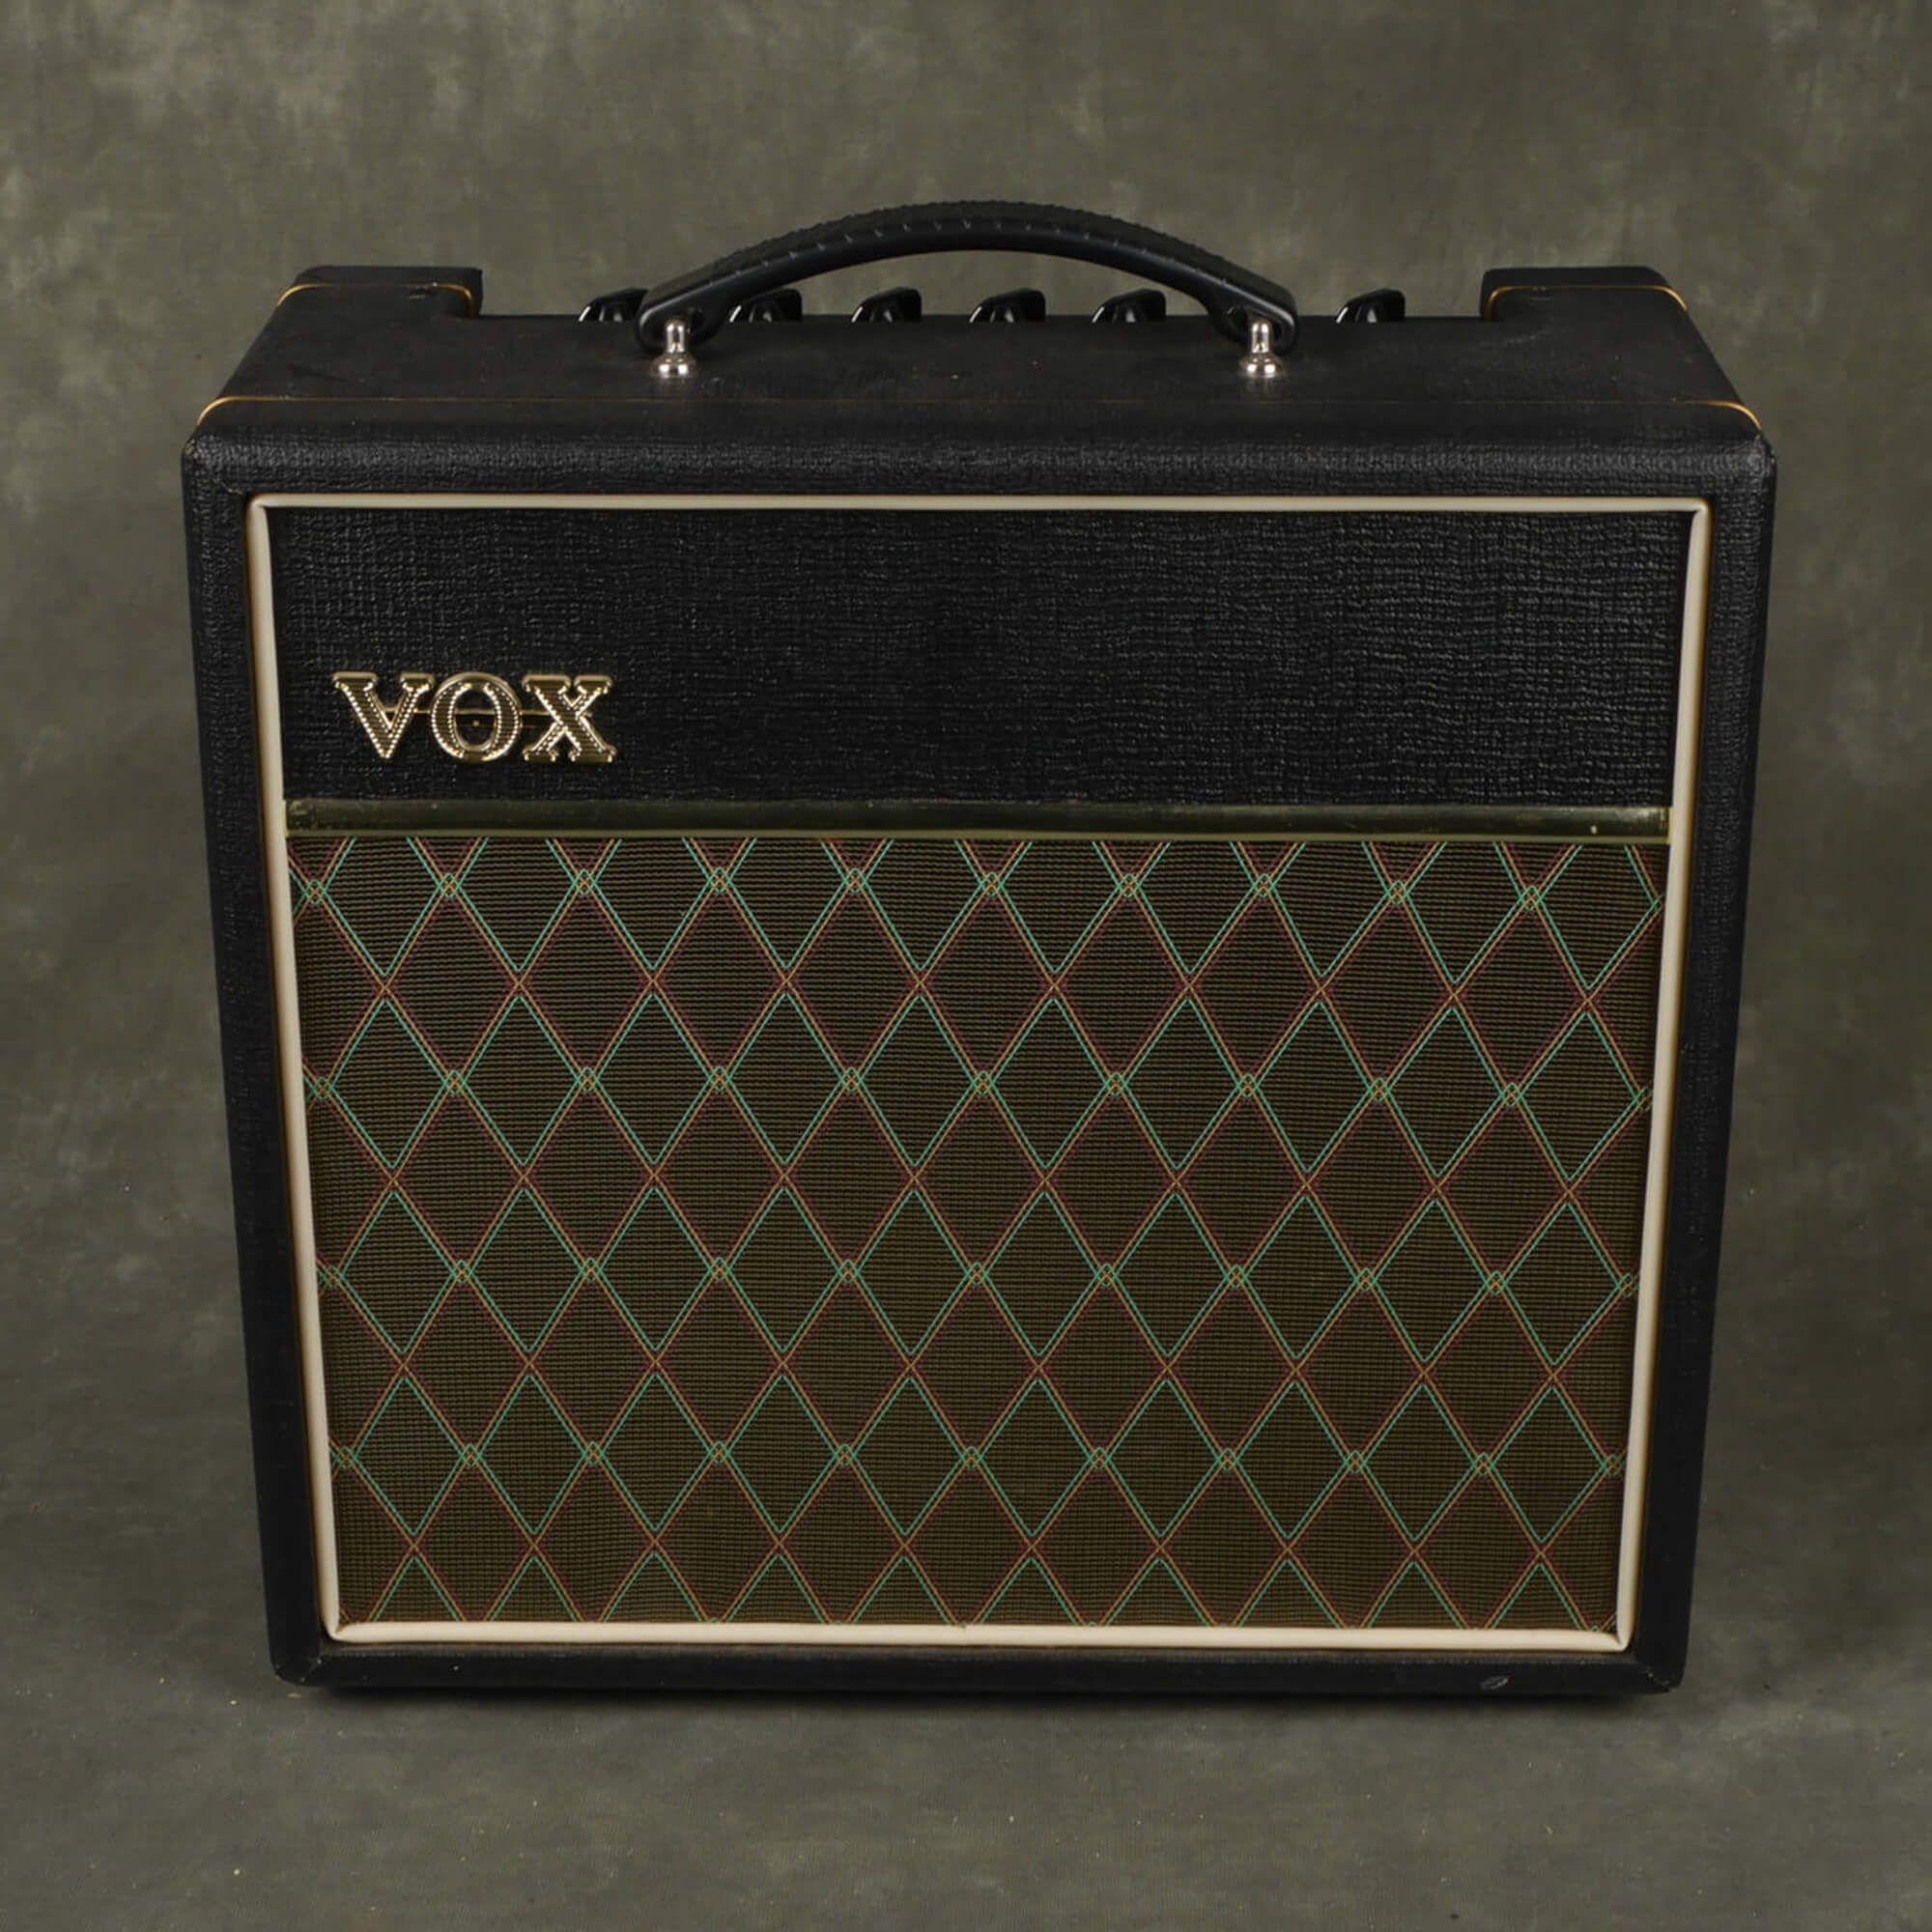 Vox Pathfinder 15R Guitar Amplifier - 2nd Hand